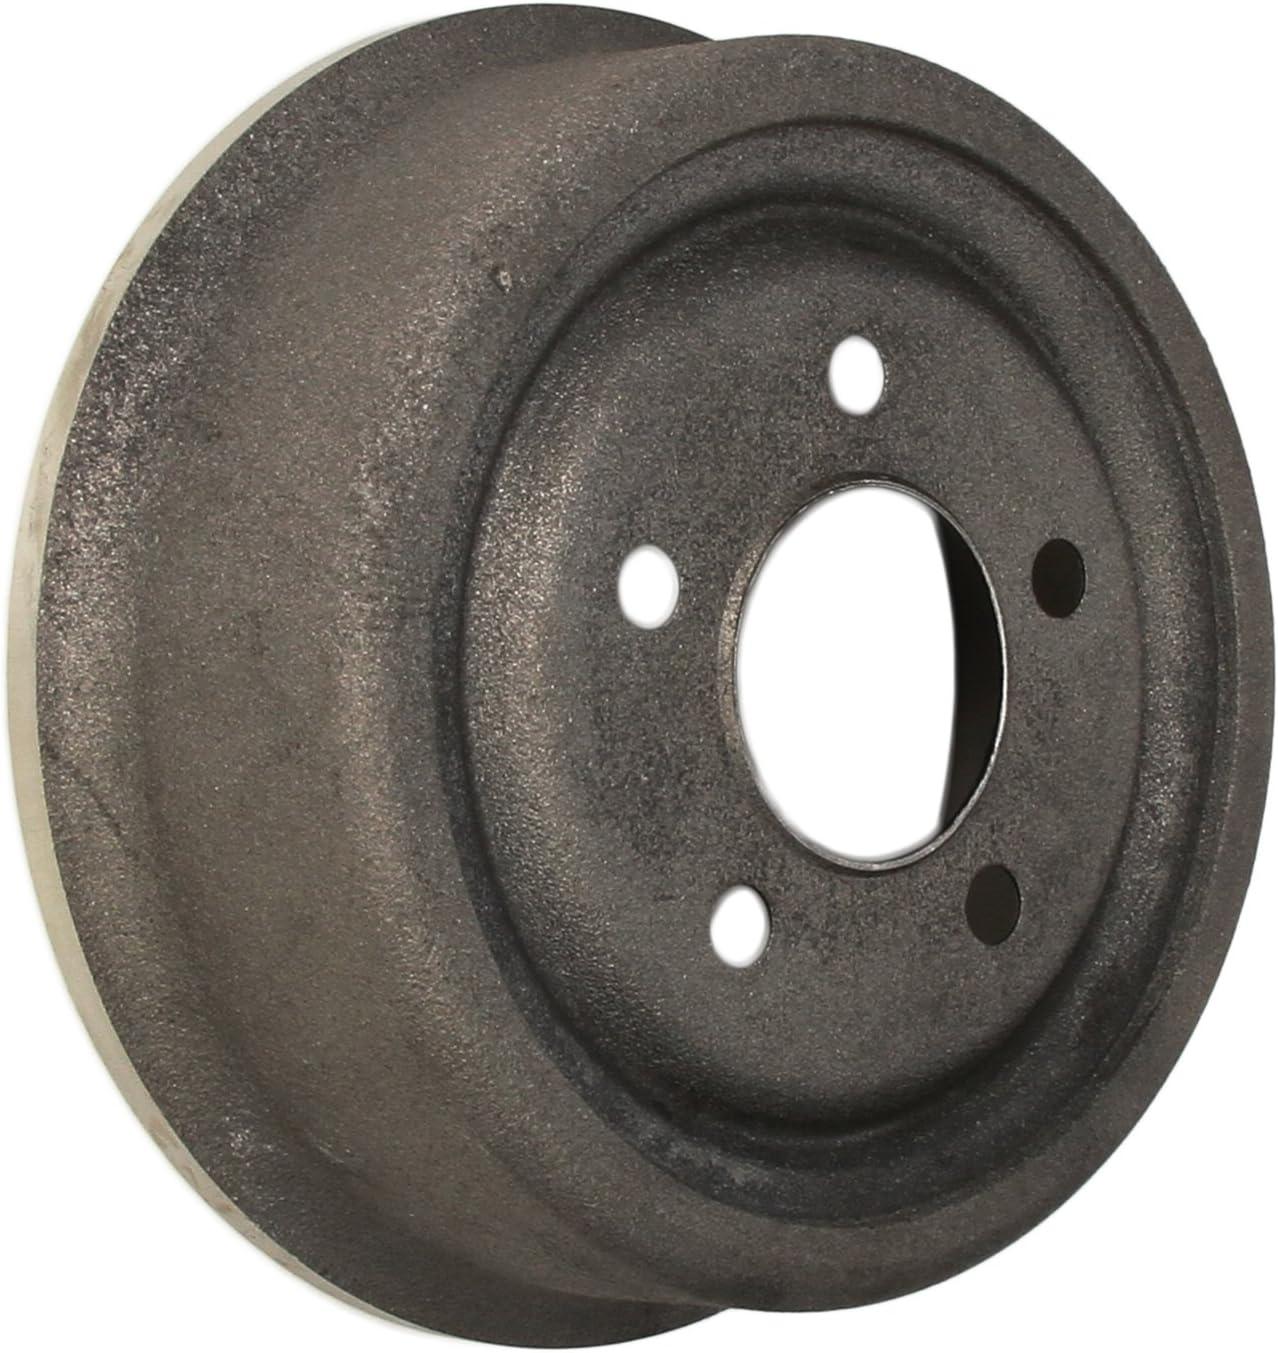 Centric Parts 123.67021 C-Tek Drum Over item handling ☆ Standard Max 47% OFF Brake